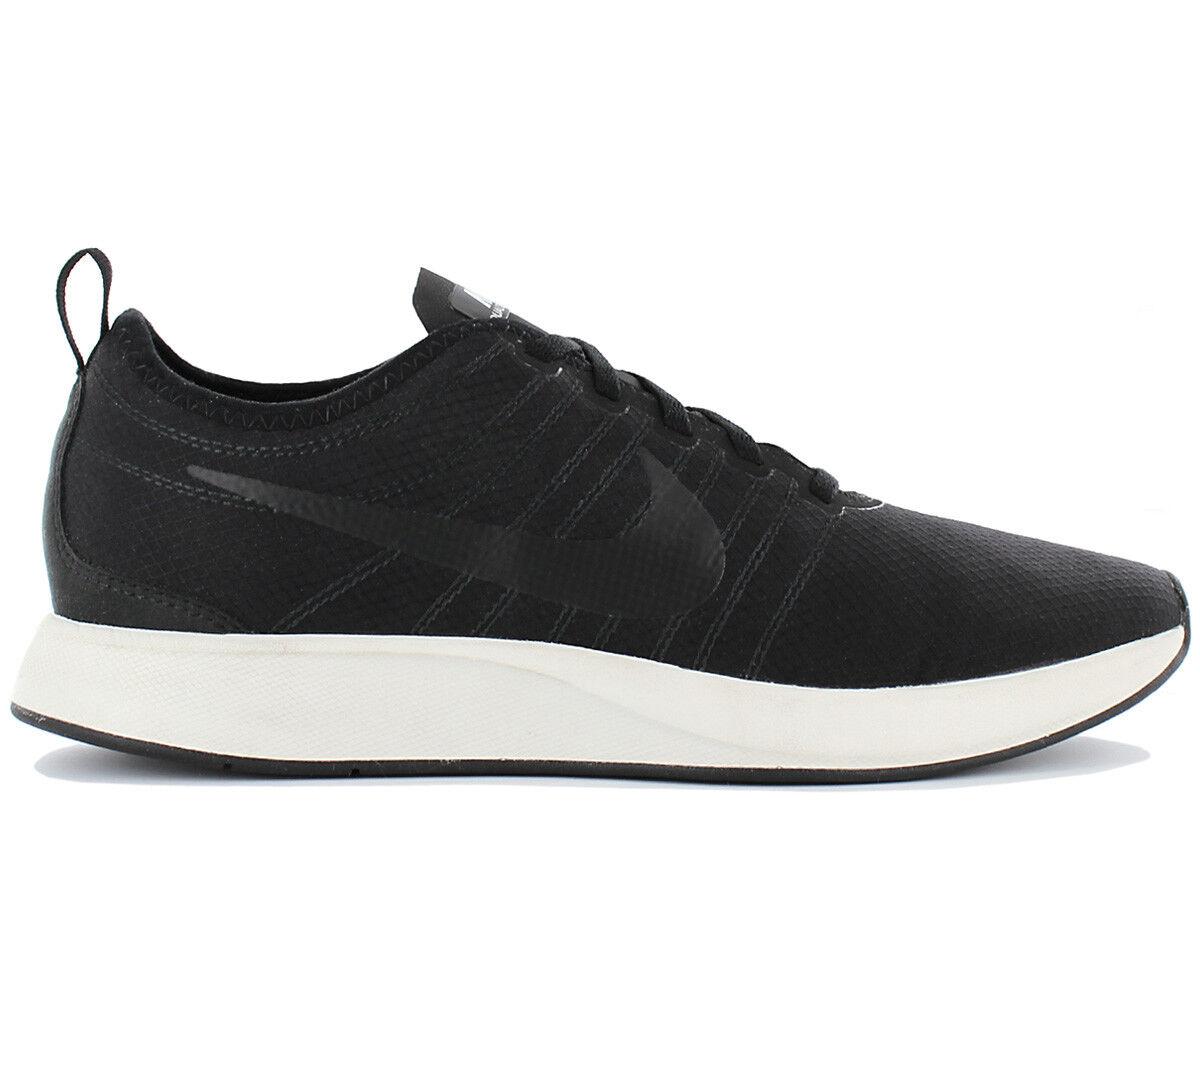 Nike Dualtone Racer Men's Sneakers Shoes Black Textile Trainers 922170-001